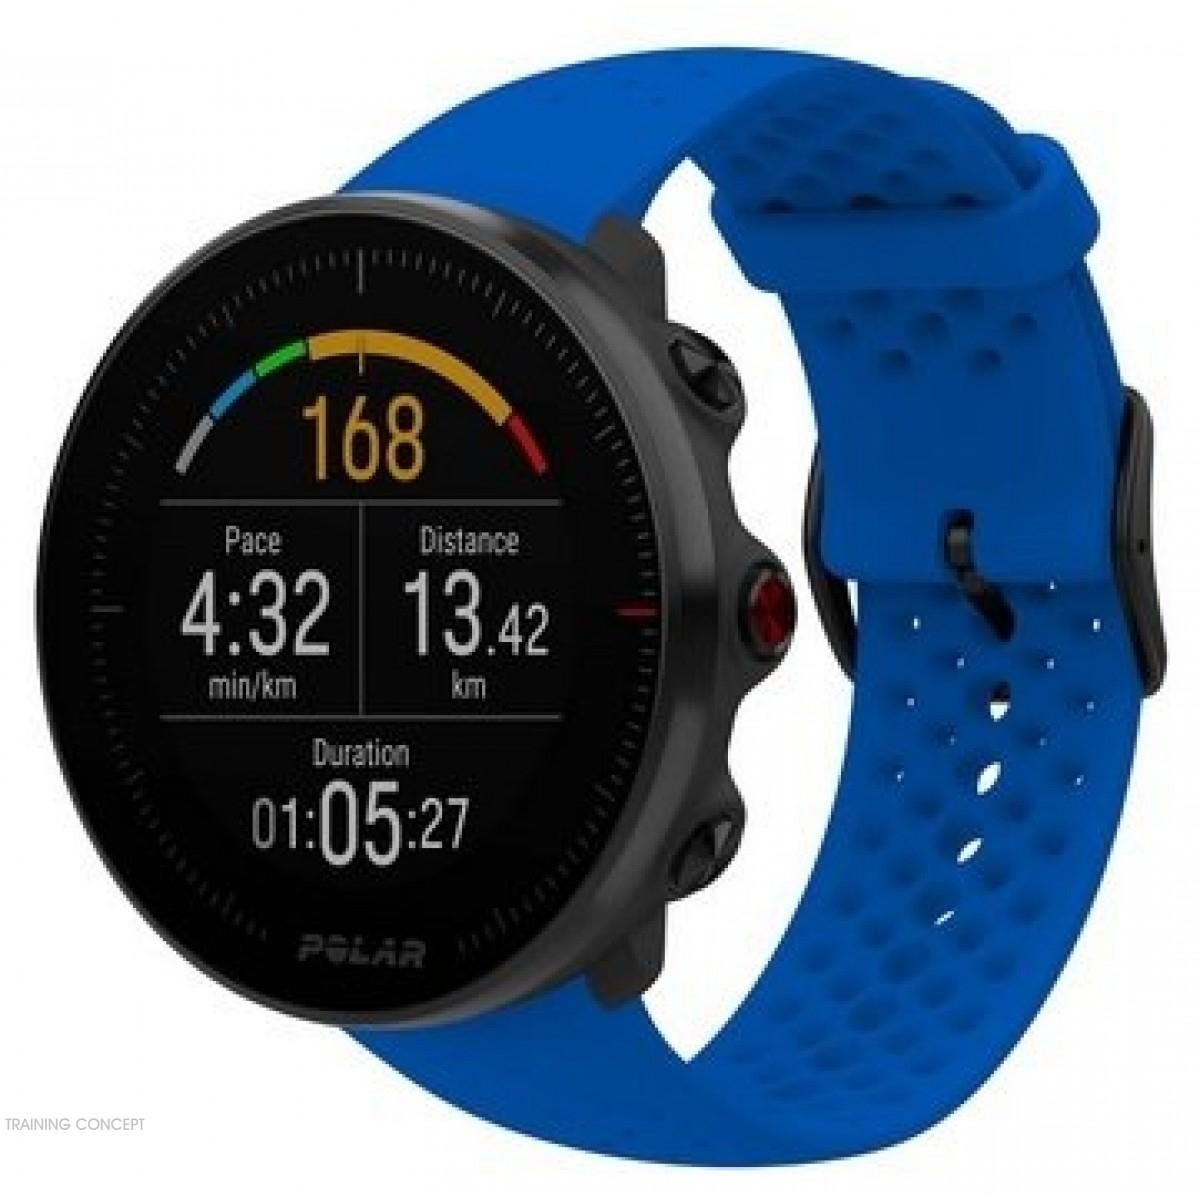 Montre Cardiofrequencemetre Polar Vantage M Bleue 90080197 à Montre Connectée Piscine